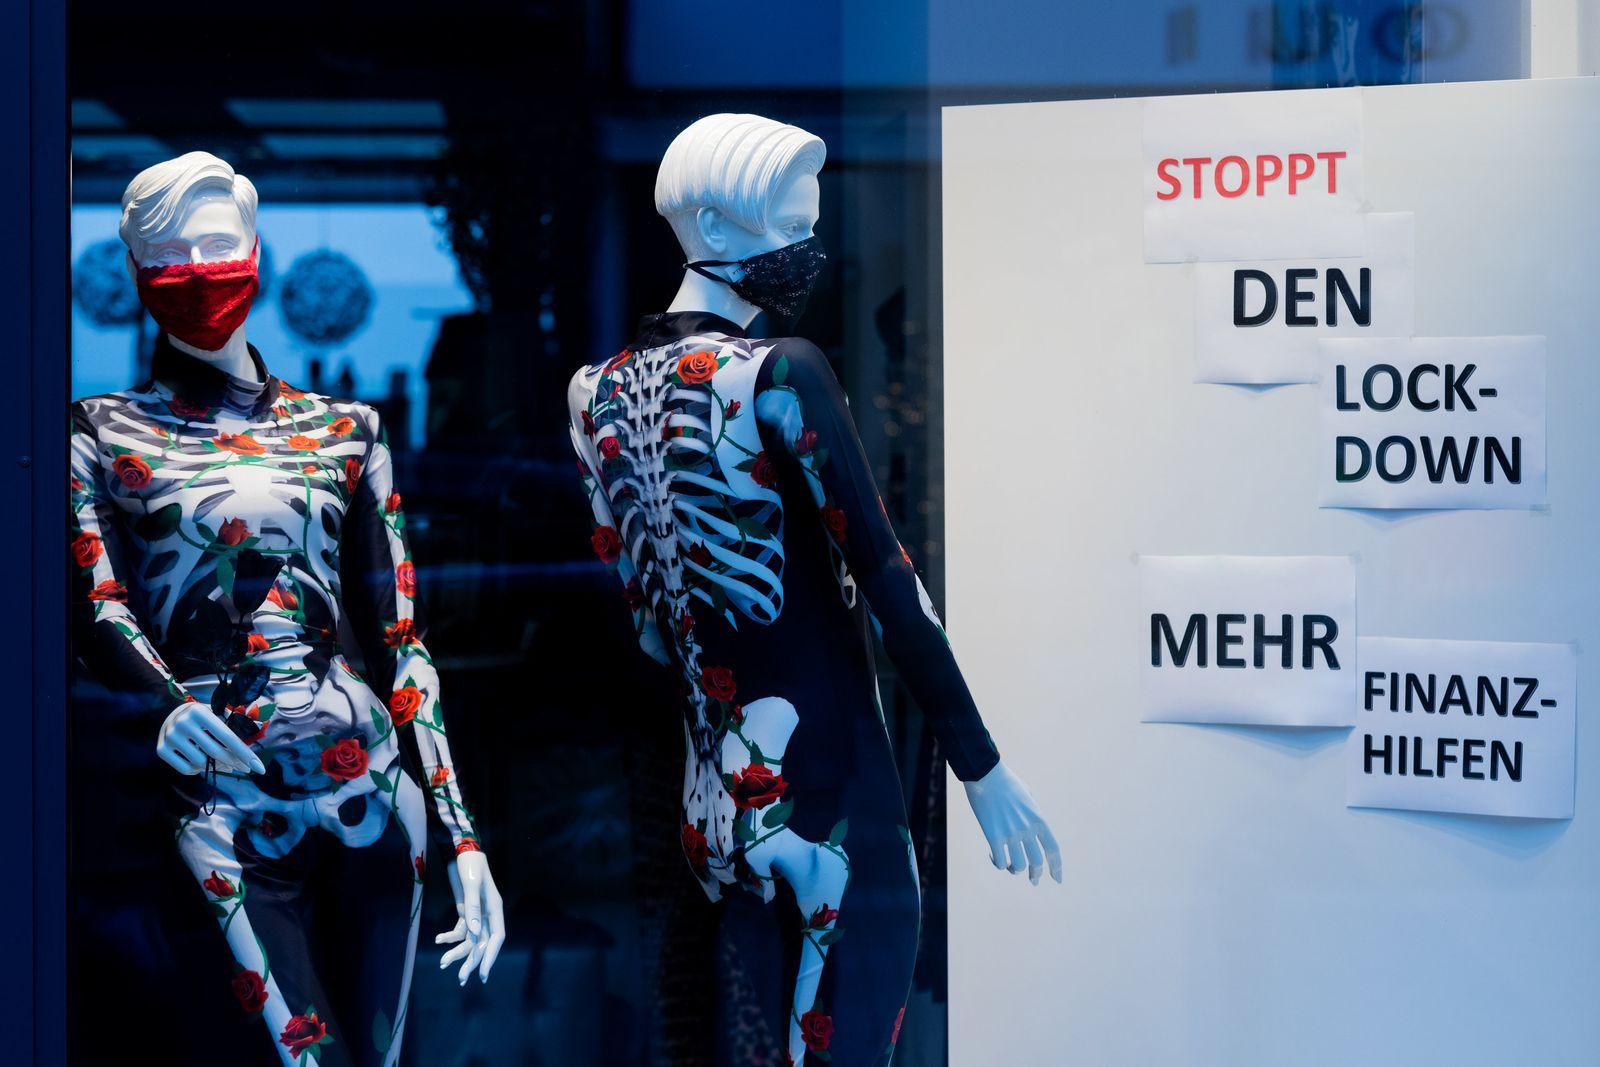 Coronavirus - Schaufensterfiguren als Skelette